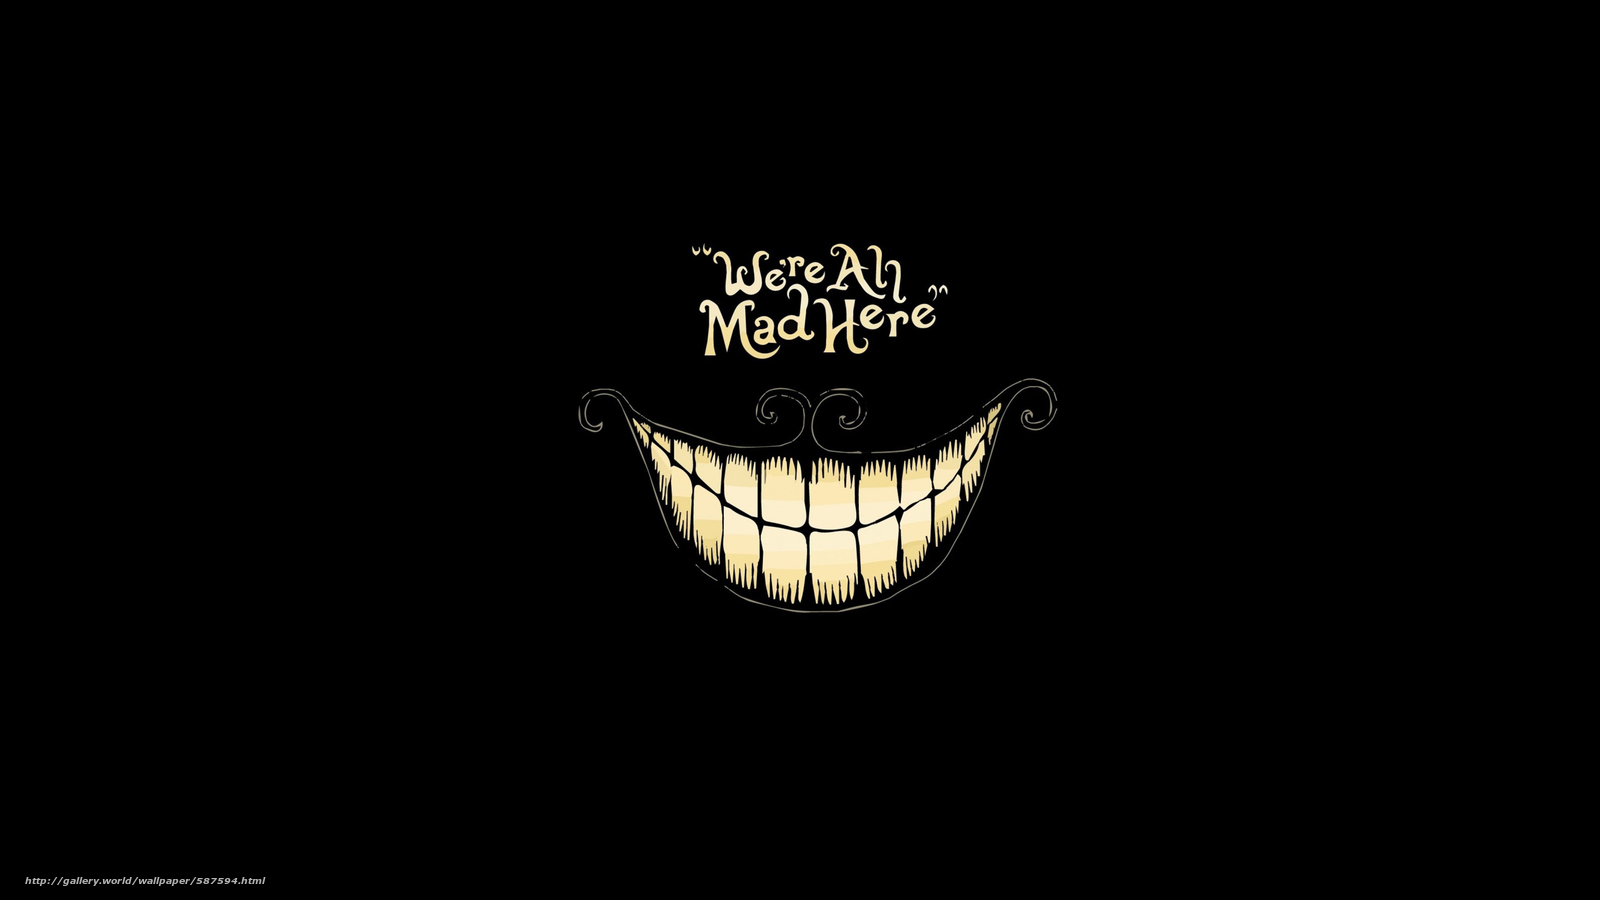 надпись, черный фон, минимализм, улыбка